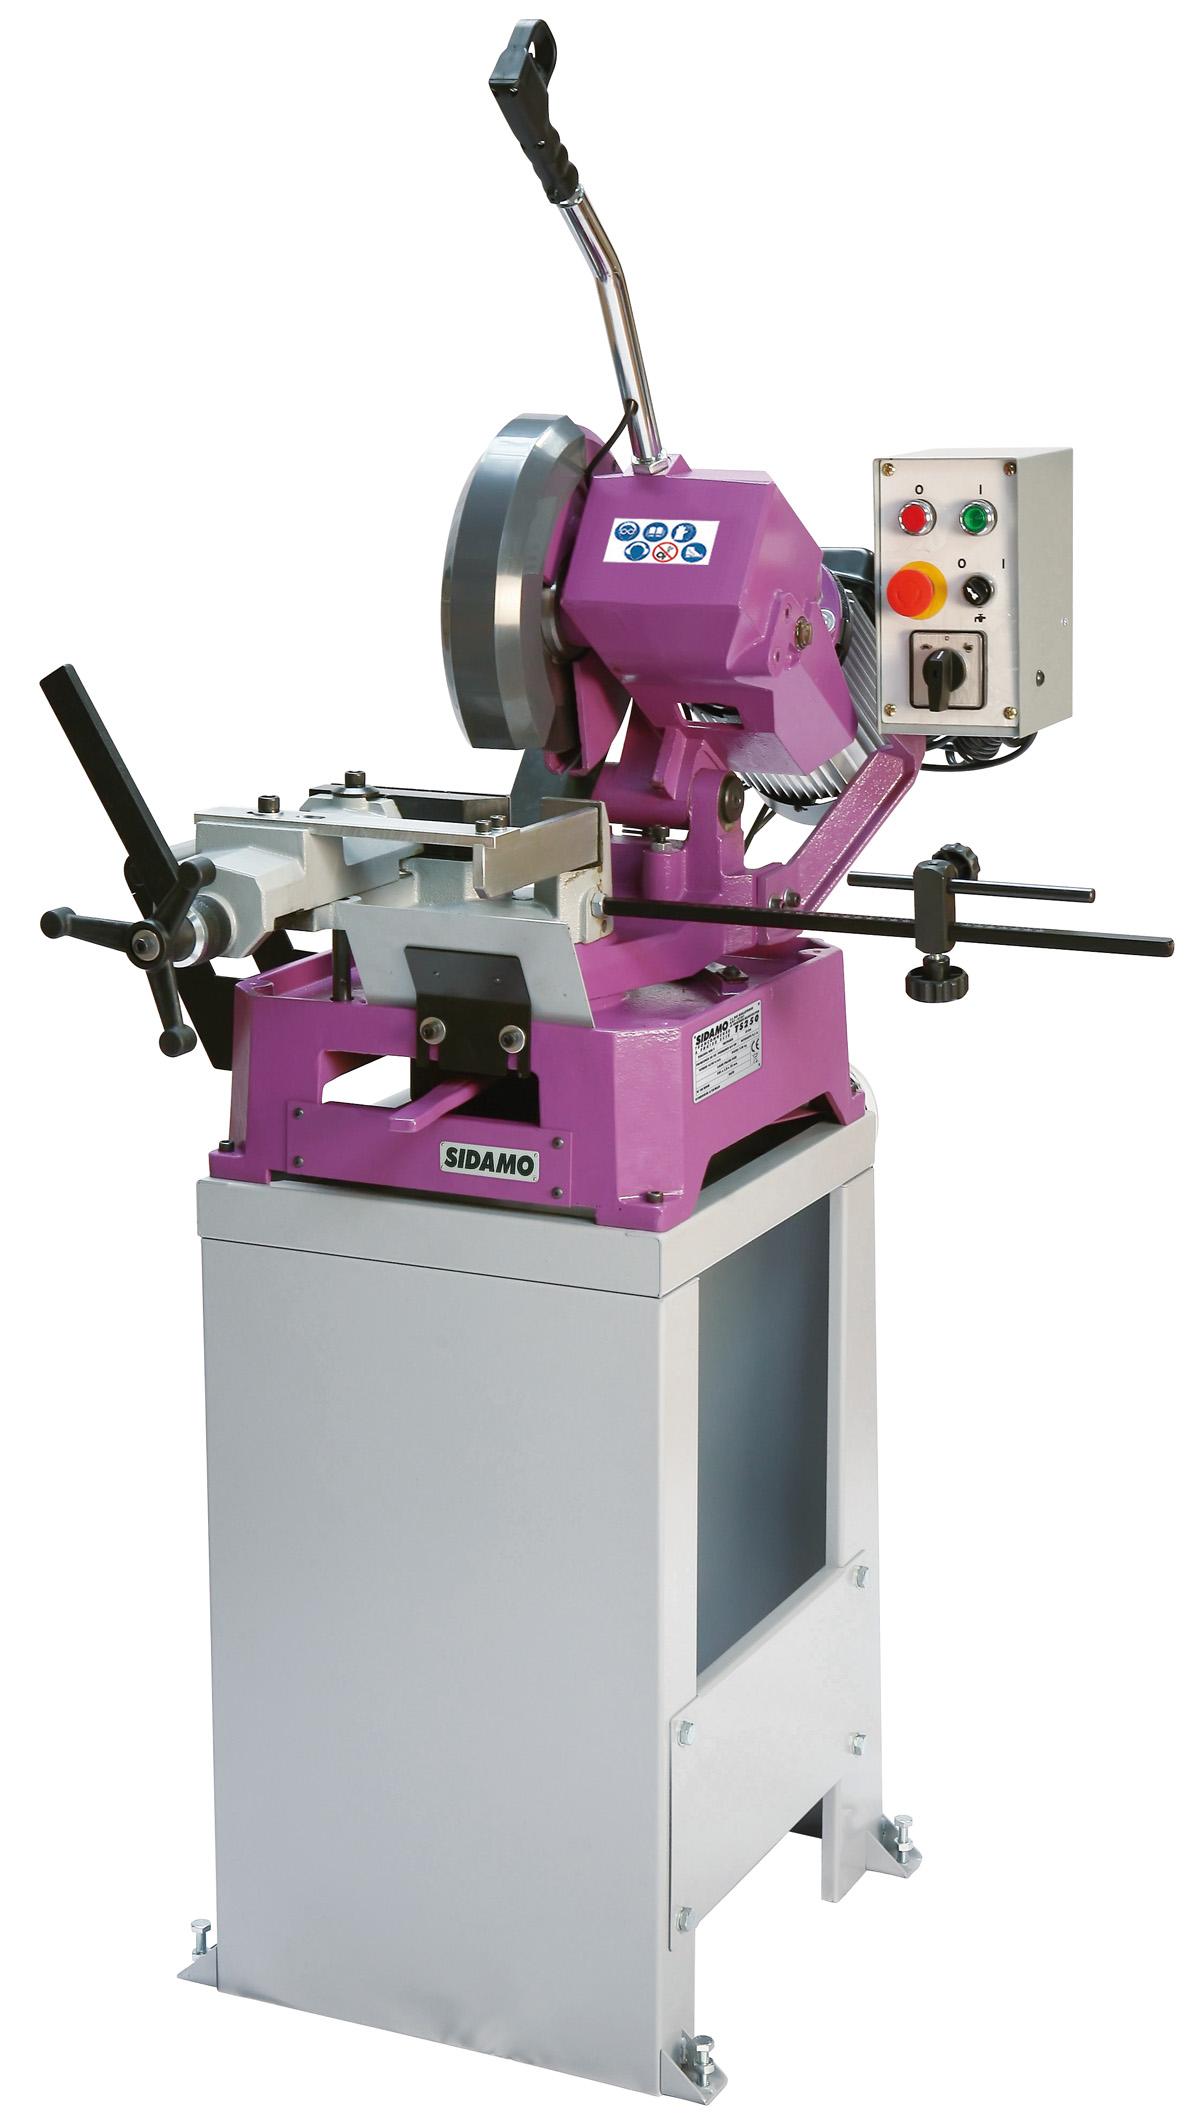 Workshop machines